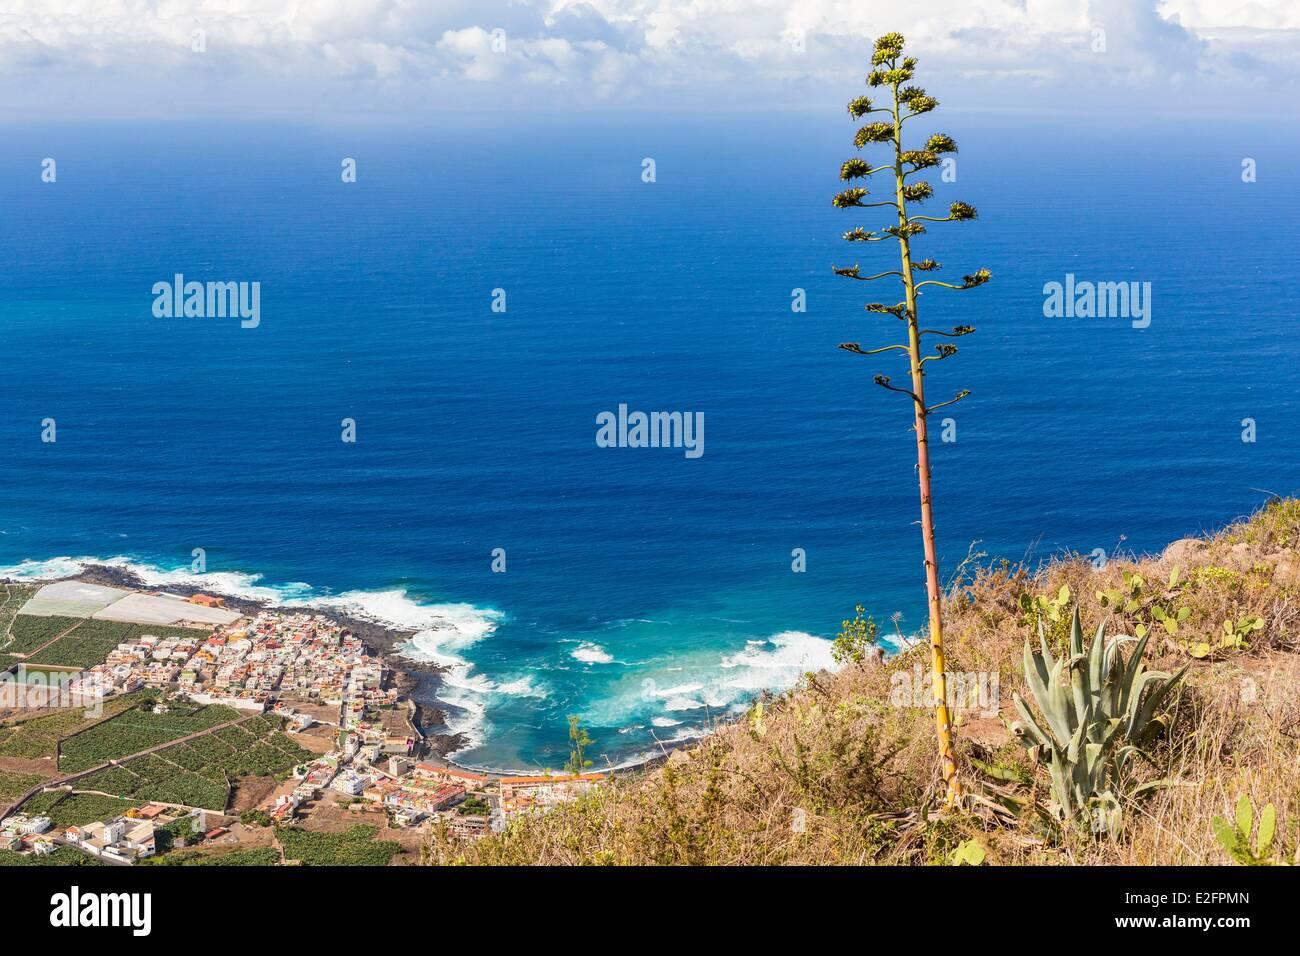 España Islas Canarias La Isla de Tenerife, Adeje con Agave americana en el fondo La Caleta y banana Imagen De Stock